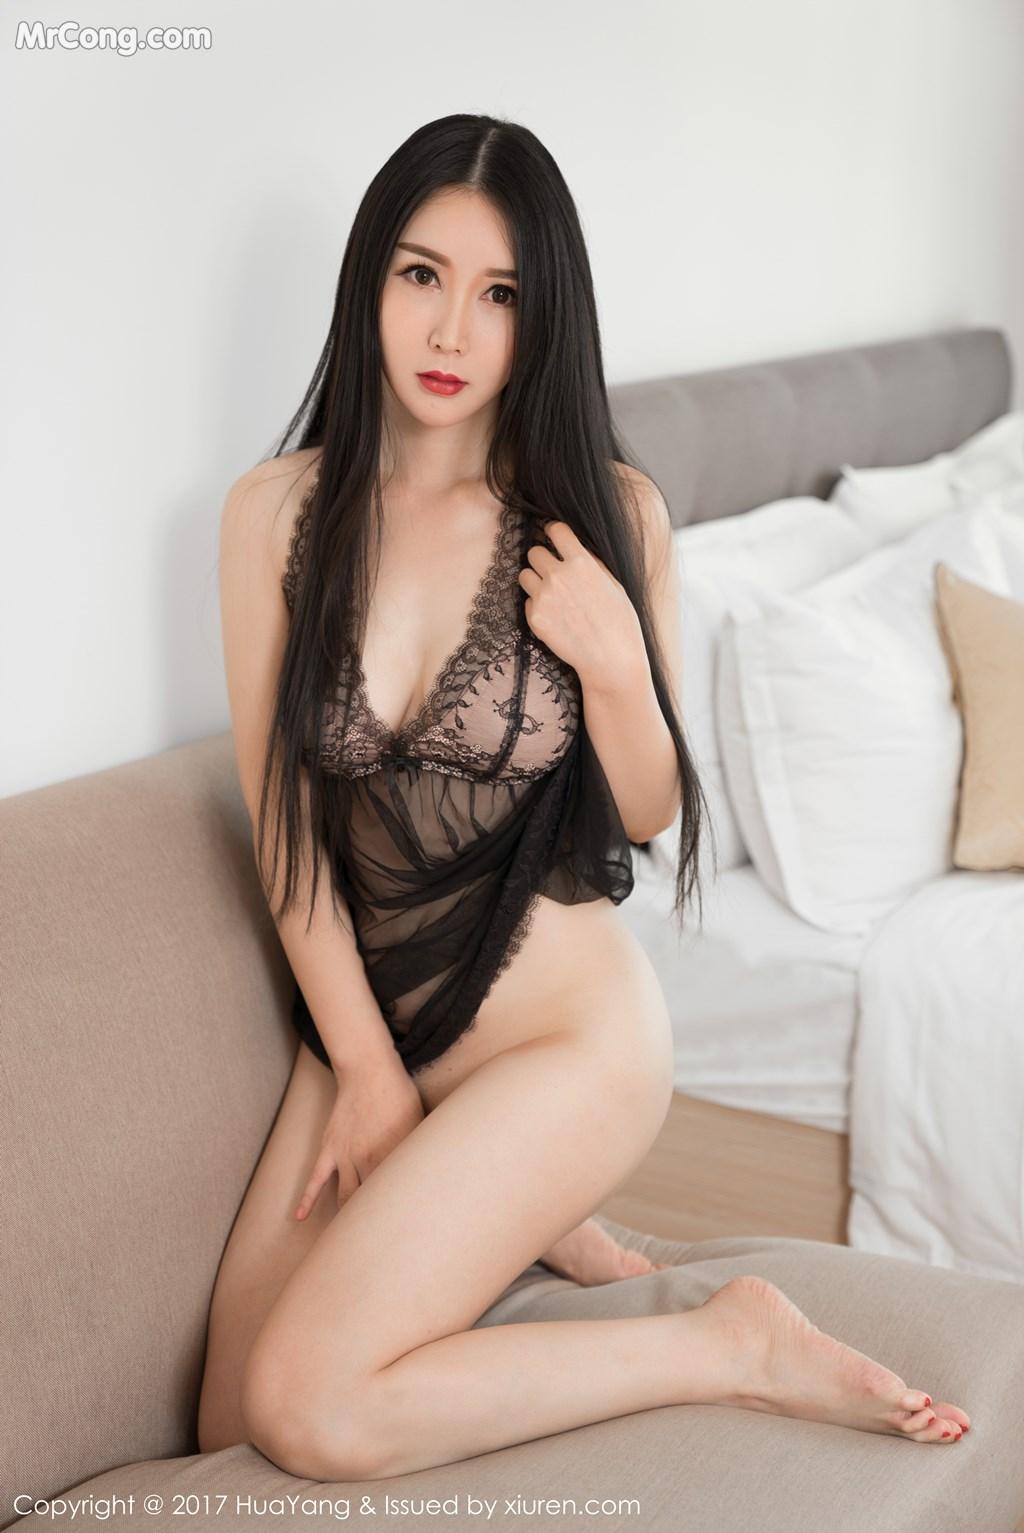 Image HuaYang-2017-12-05-Vol.017-Gu-Xinyi-MrCong.com-006 in post HuaYang 2017-12-05 Vol.017: Người mẫu Gu Xinyi (顾欣怡) (44 ảnh)